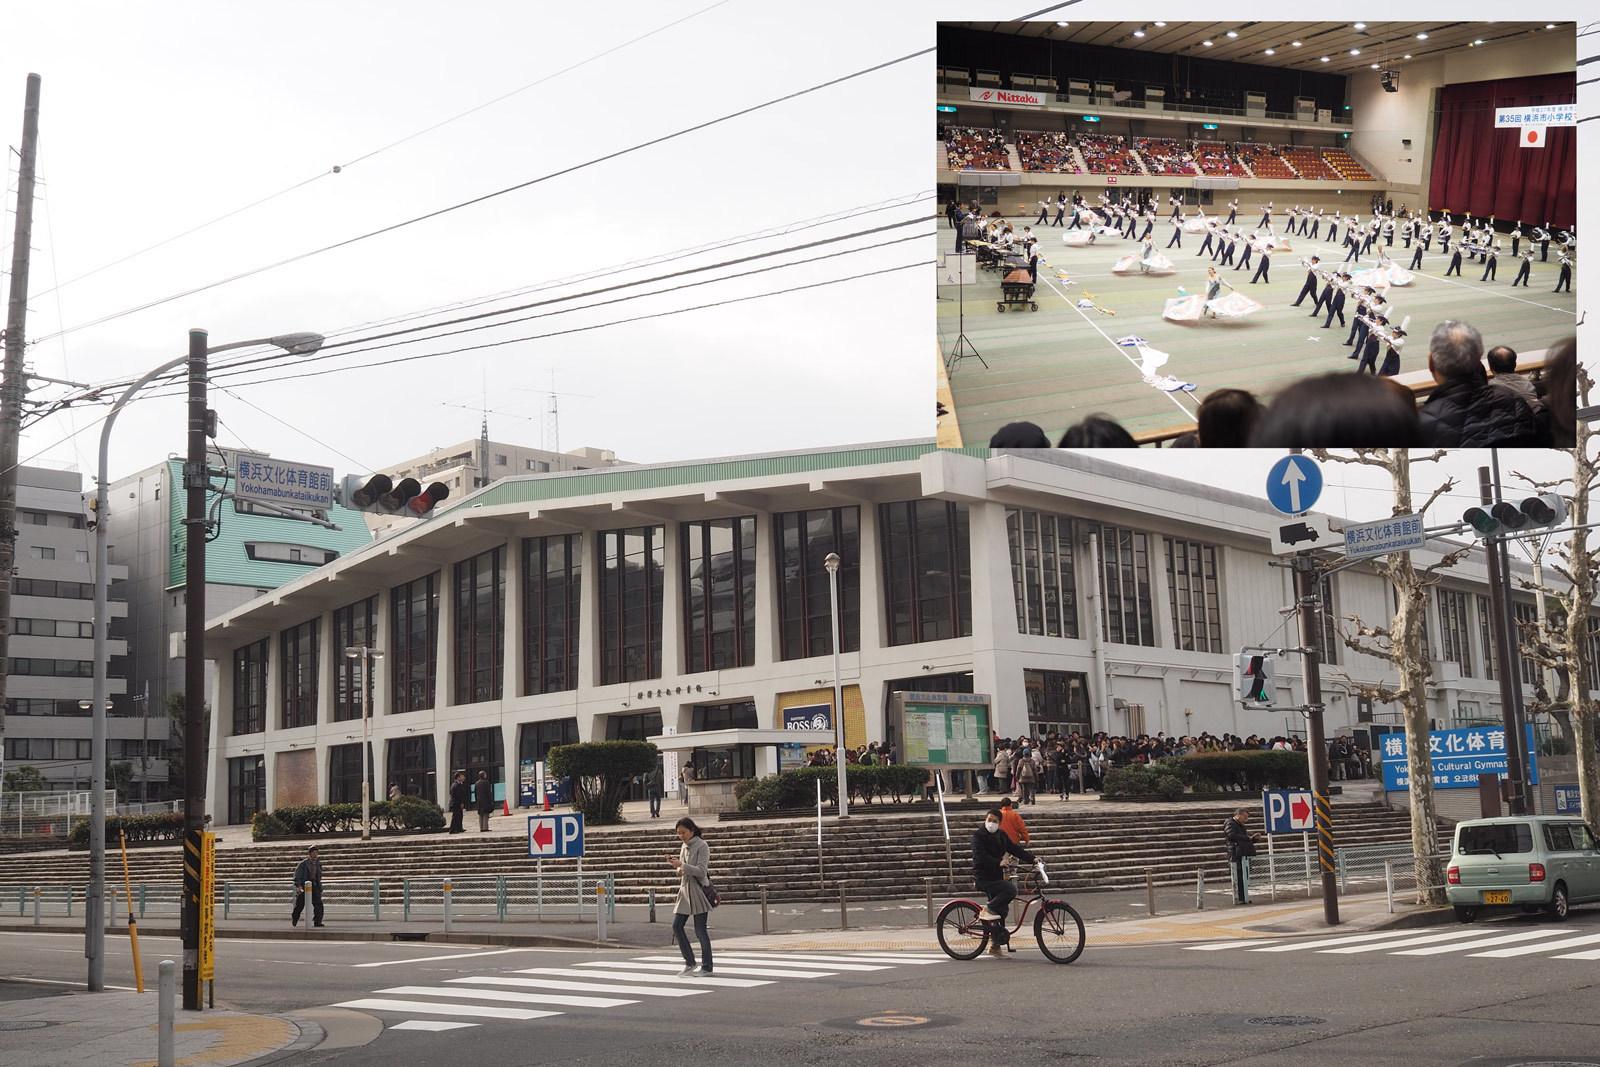 横濱、楽しみにしていたのに雨でね〜_a0271402_08192935.jpg